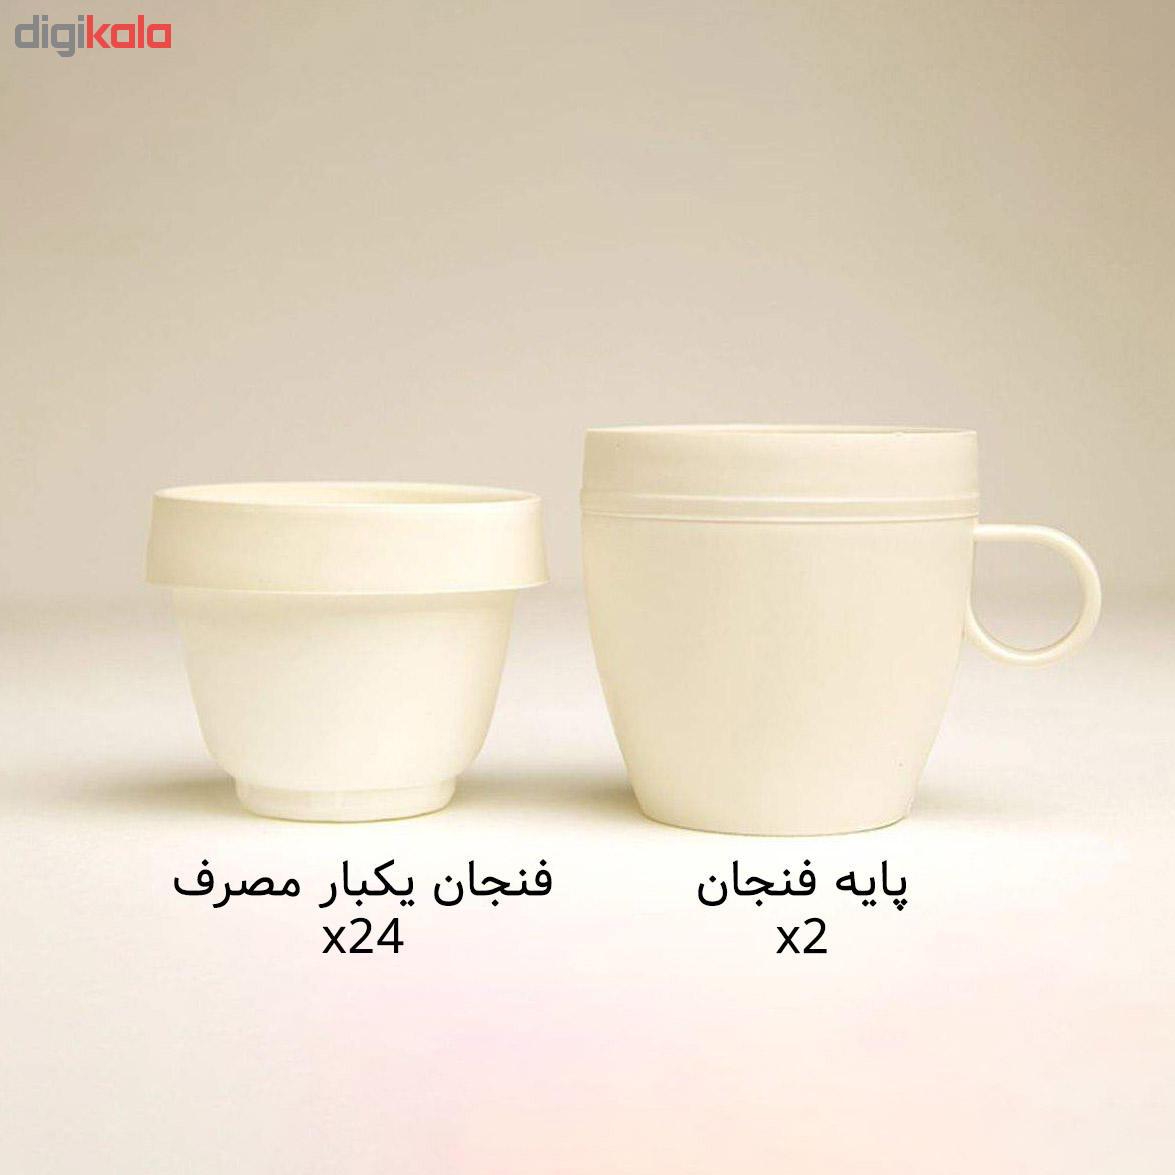 لیست قیمت و خرید فنجان یکبار مصرف آملون مدل AML-FEN-2+24 بسته 24 عددی به همراه 2 پایه فنجان